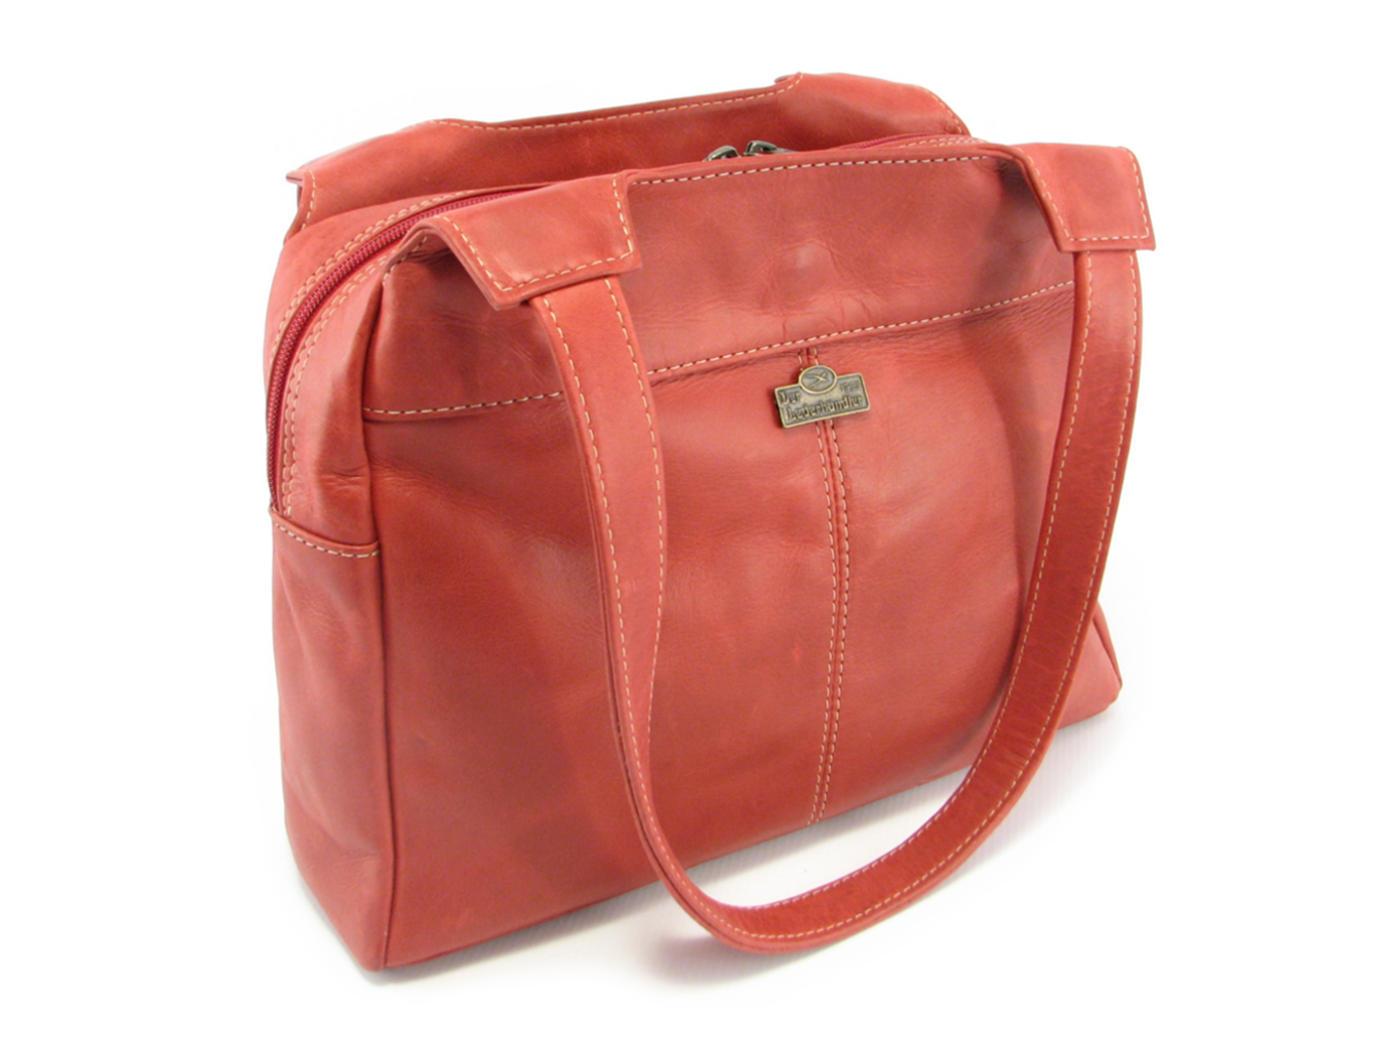 14beb42ce96a Double strap ladies leather shoulder handbag